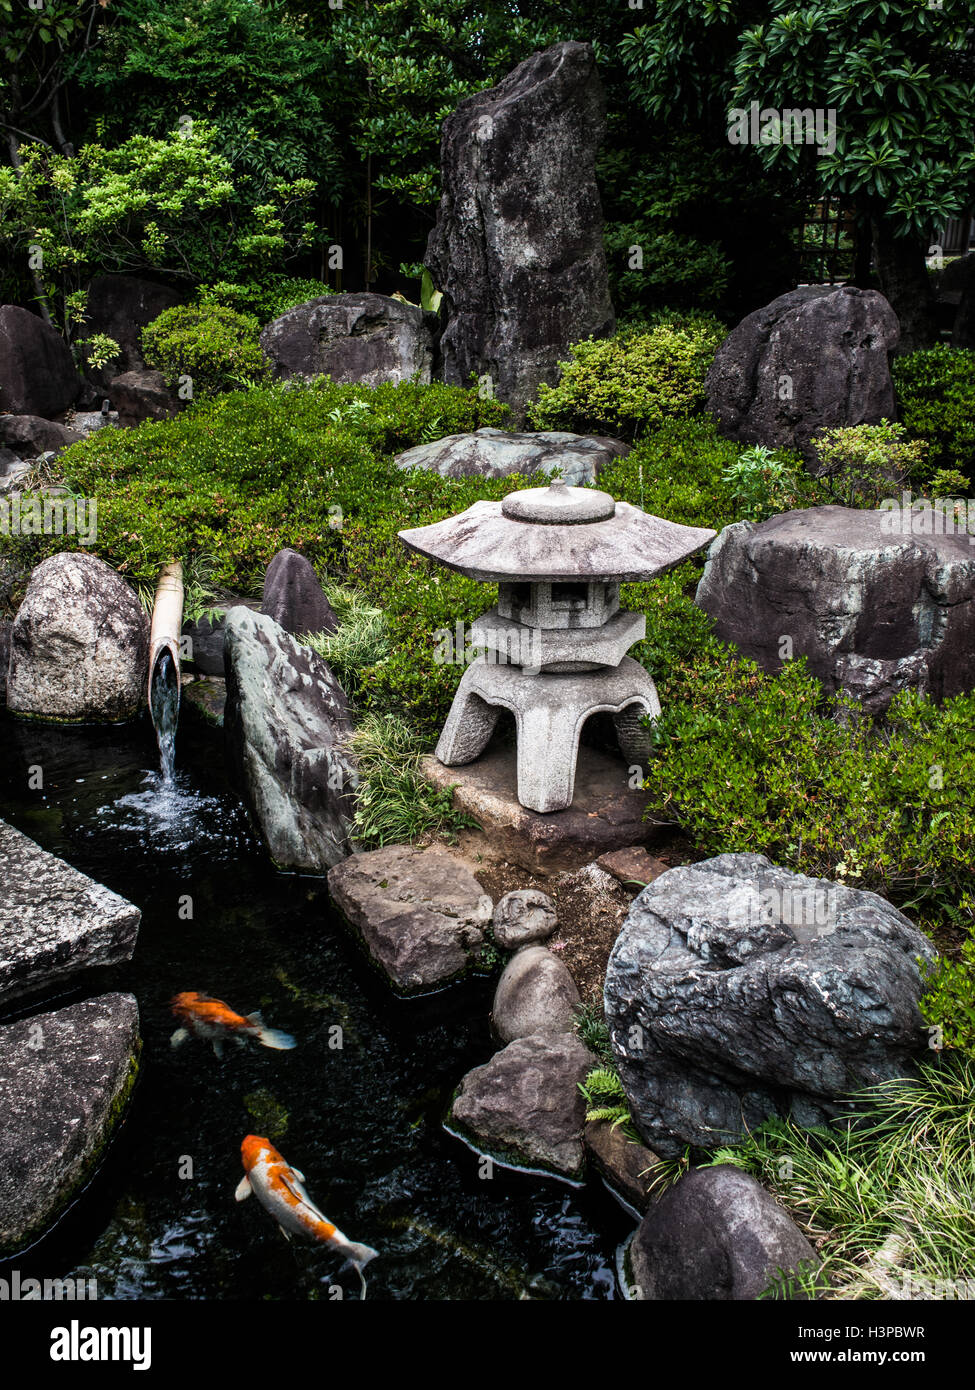 Japanischer Garten Koi Ishidoro Stromt Wasser Aus Einem Bambus